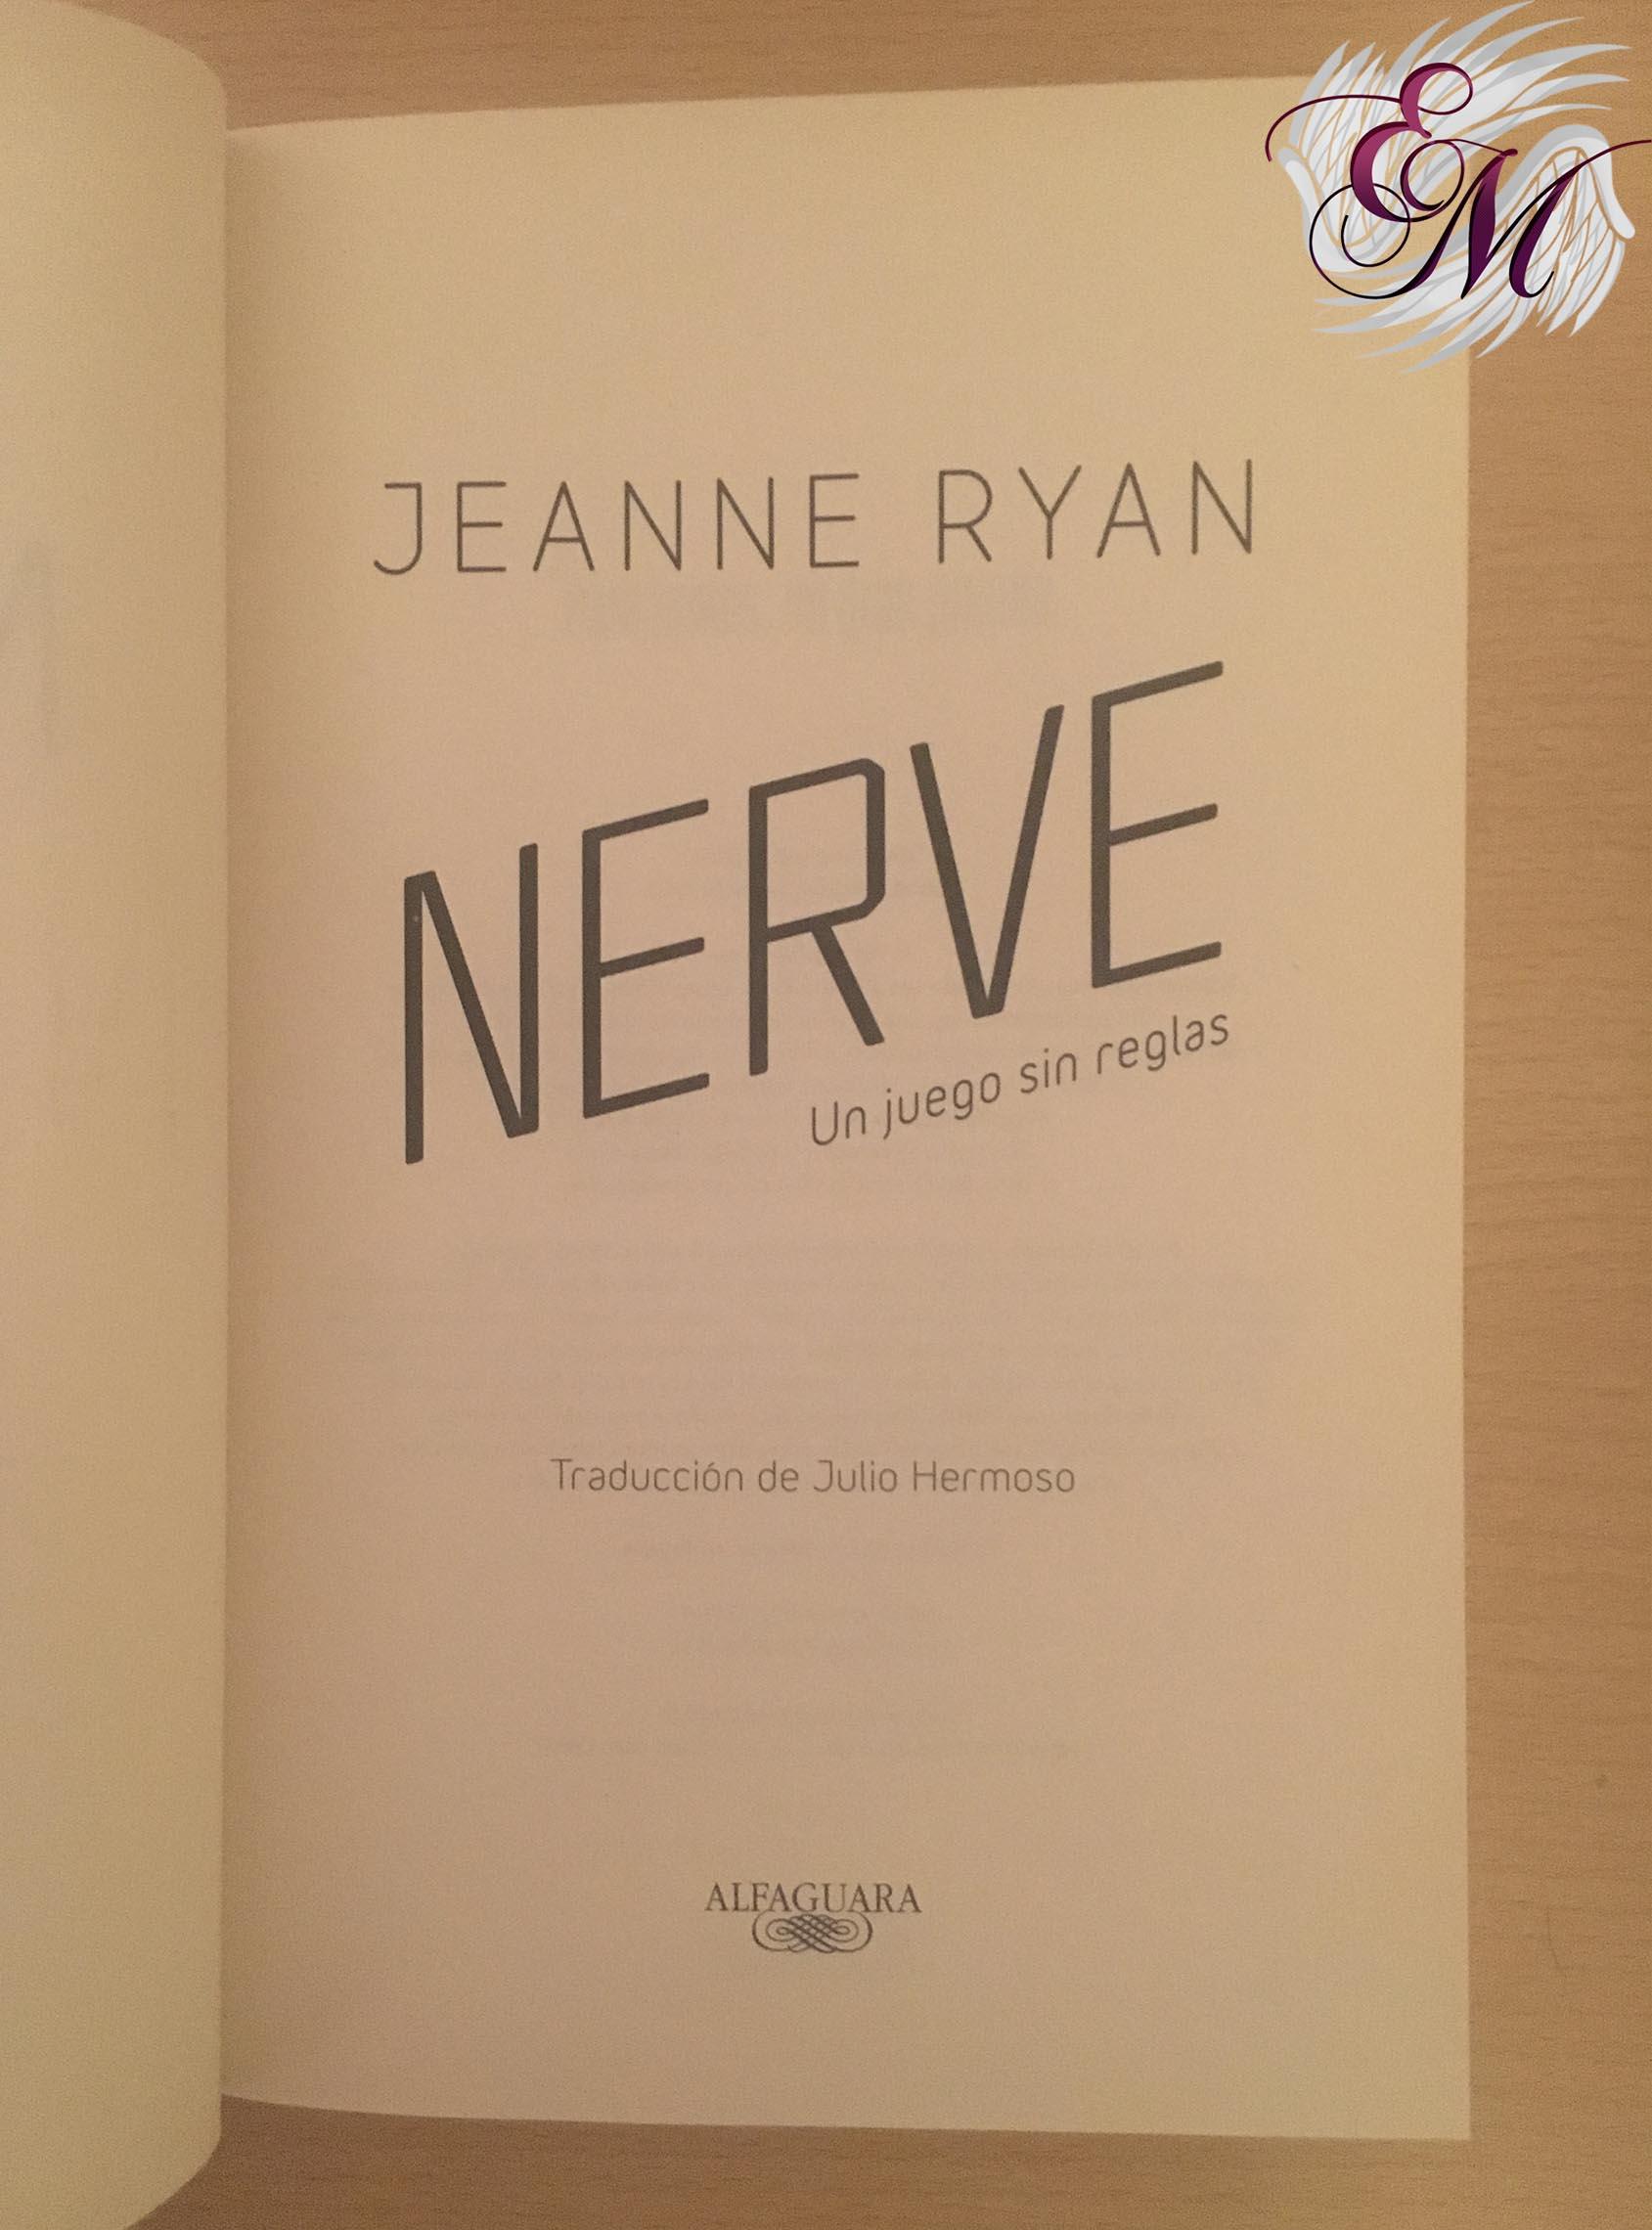 Nerve: Un juego sin reglas, de Jeanne Ryan - pagina editorial